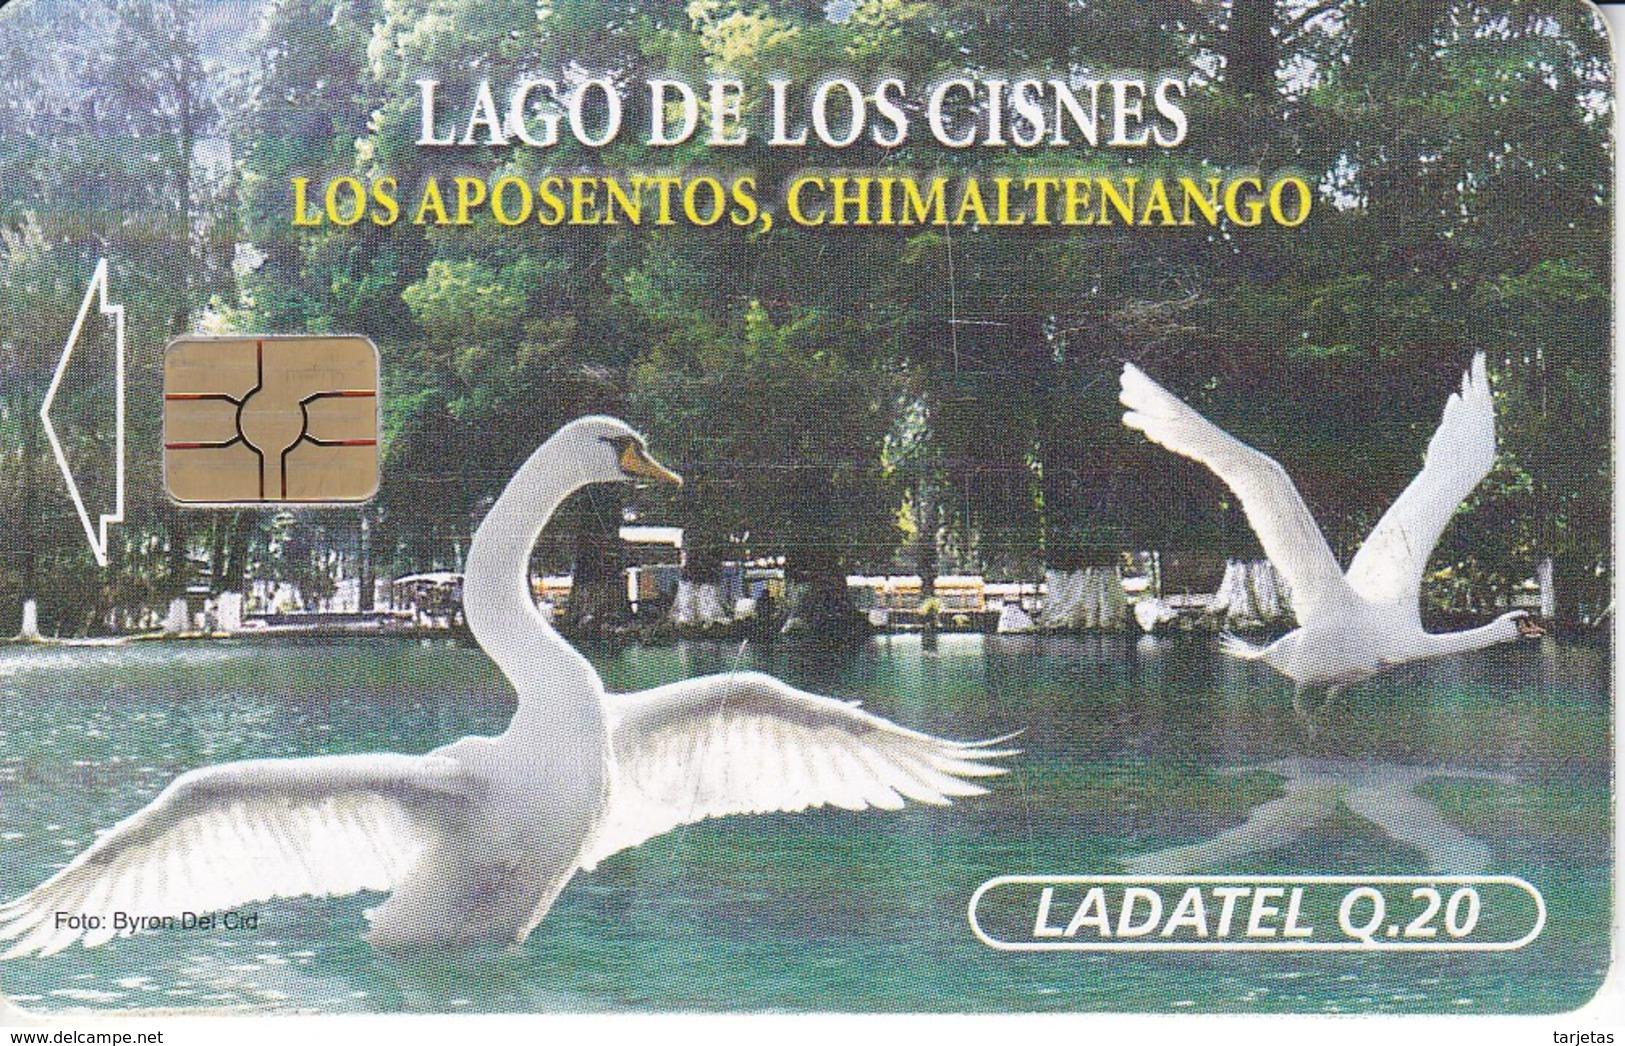 TARJETA DE GUATEMALA DE UNOS CISNES CHIP ROJO (BIRD-PAJARO-CISNE) - Guatemala